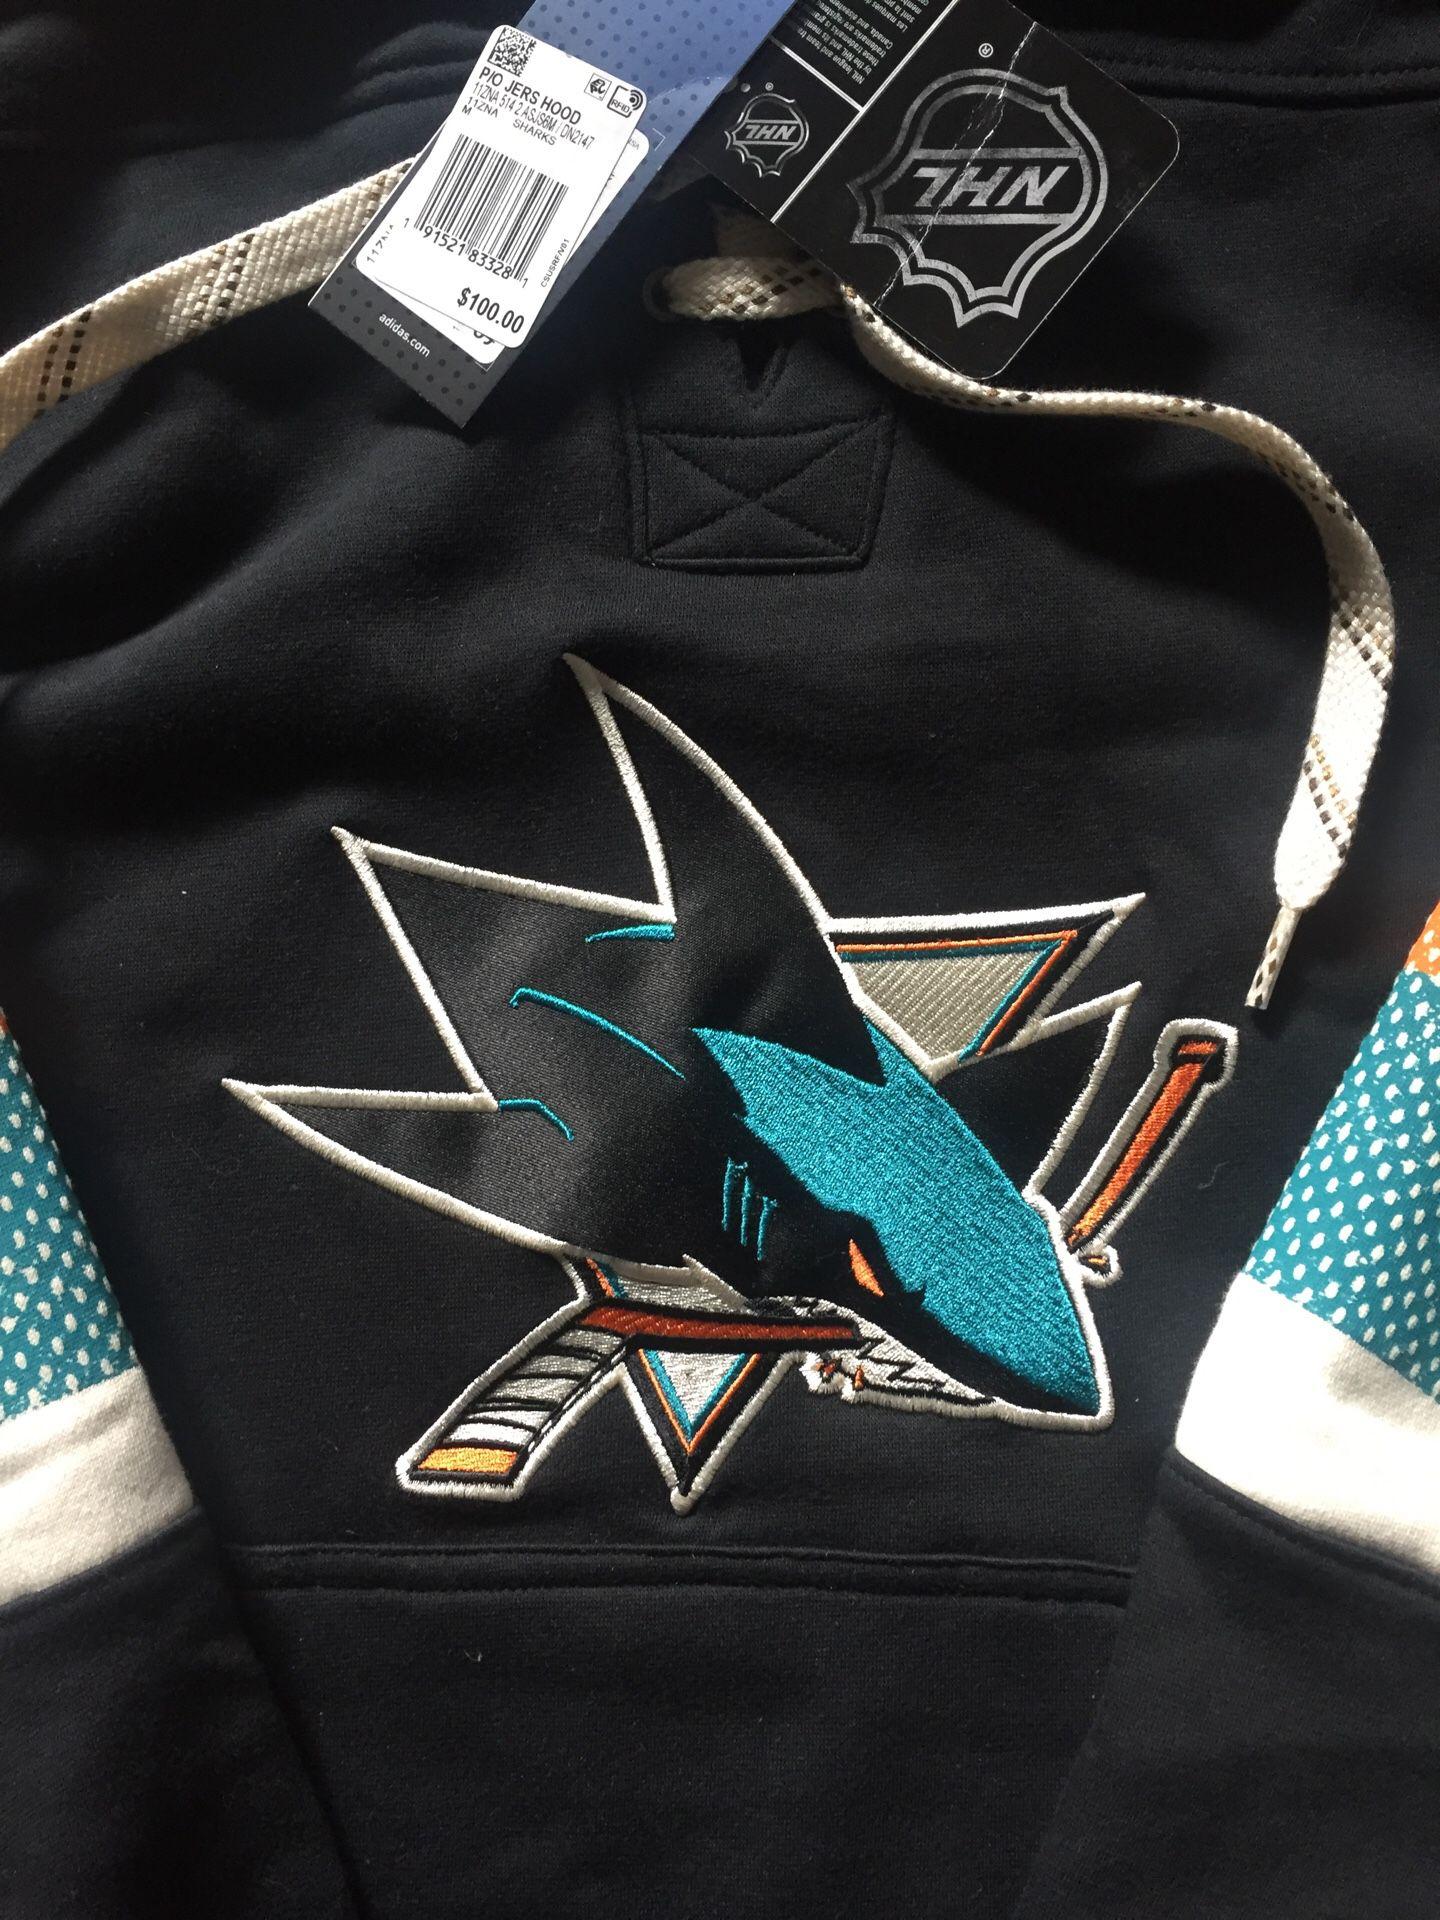 Adidas San Jose Sharks Hooded Sweatshirt